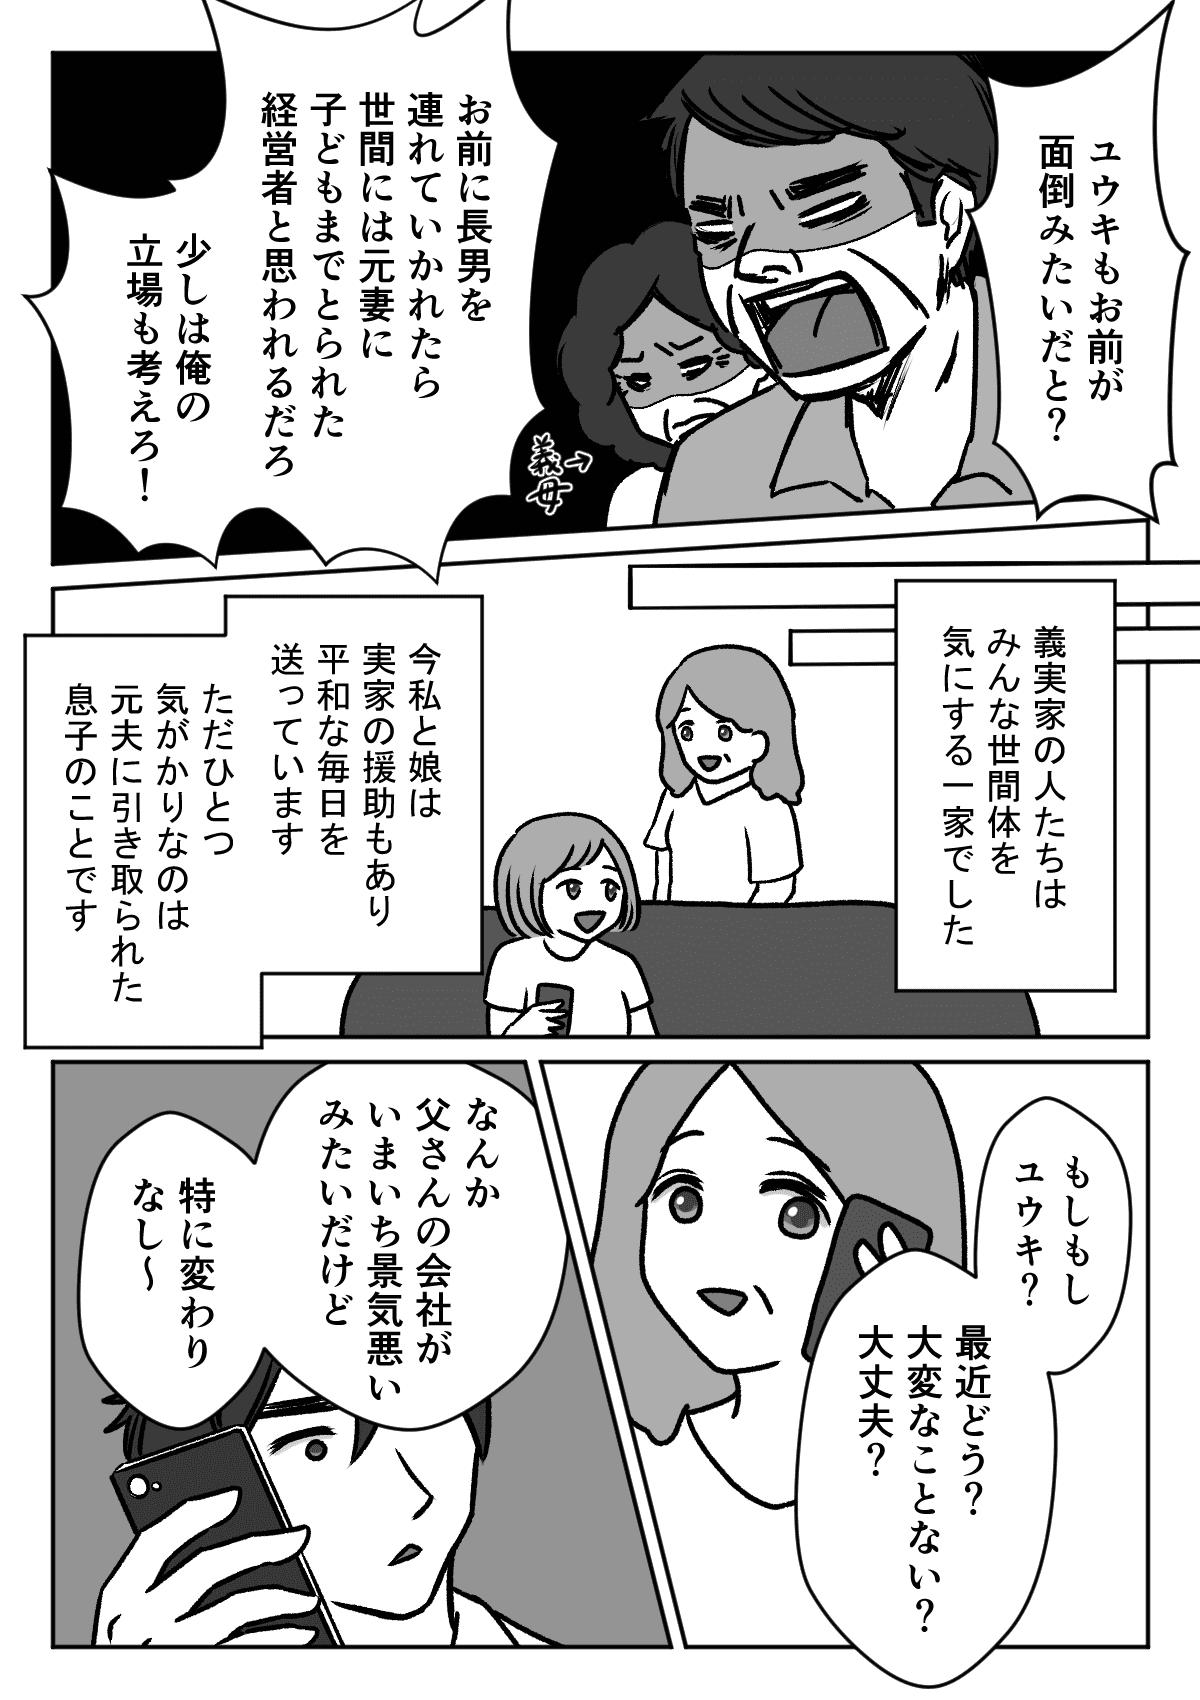 イラスト1 (1)